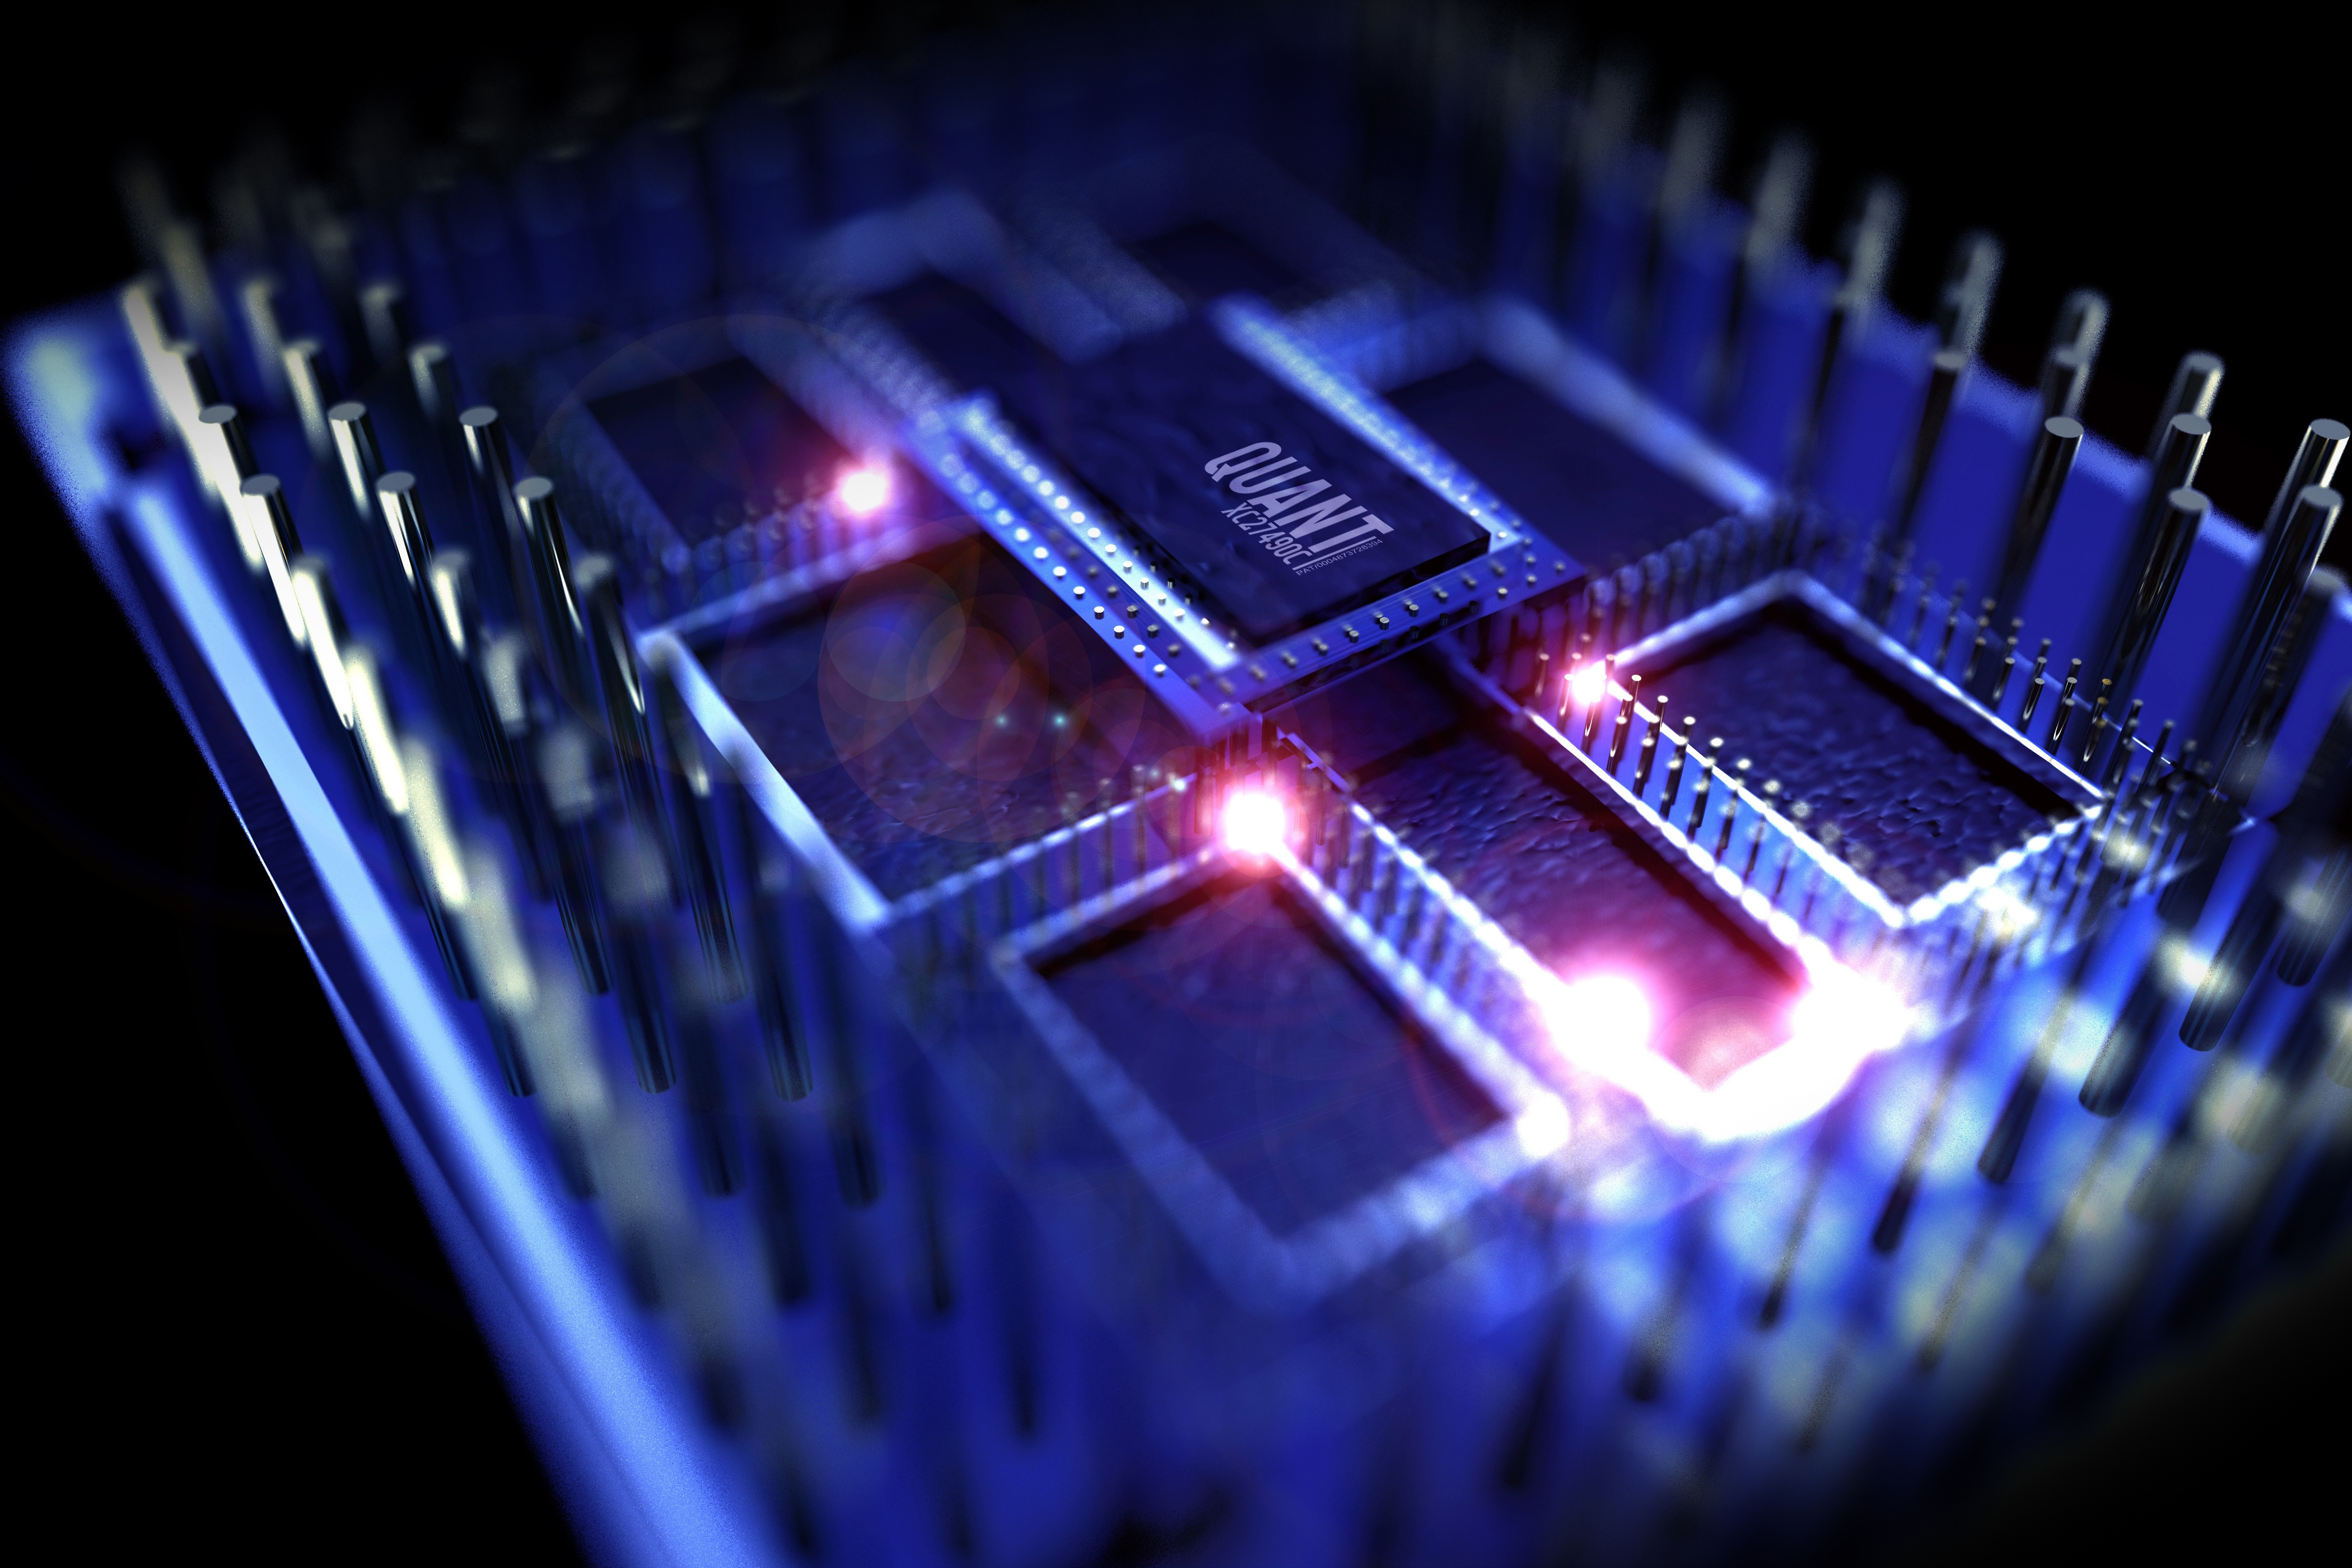 https://assets.sourcemedia.com/58/7e/427f7ac74e4da675456b6e1ac3bd/quantum-computing-47782604-adobe.jpg